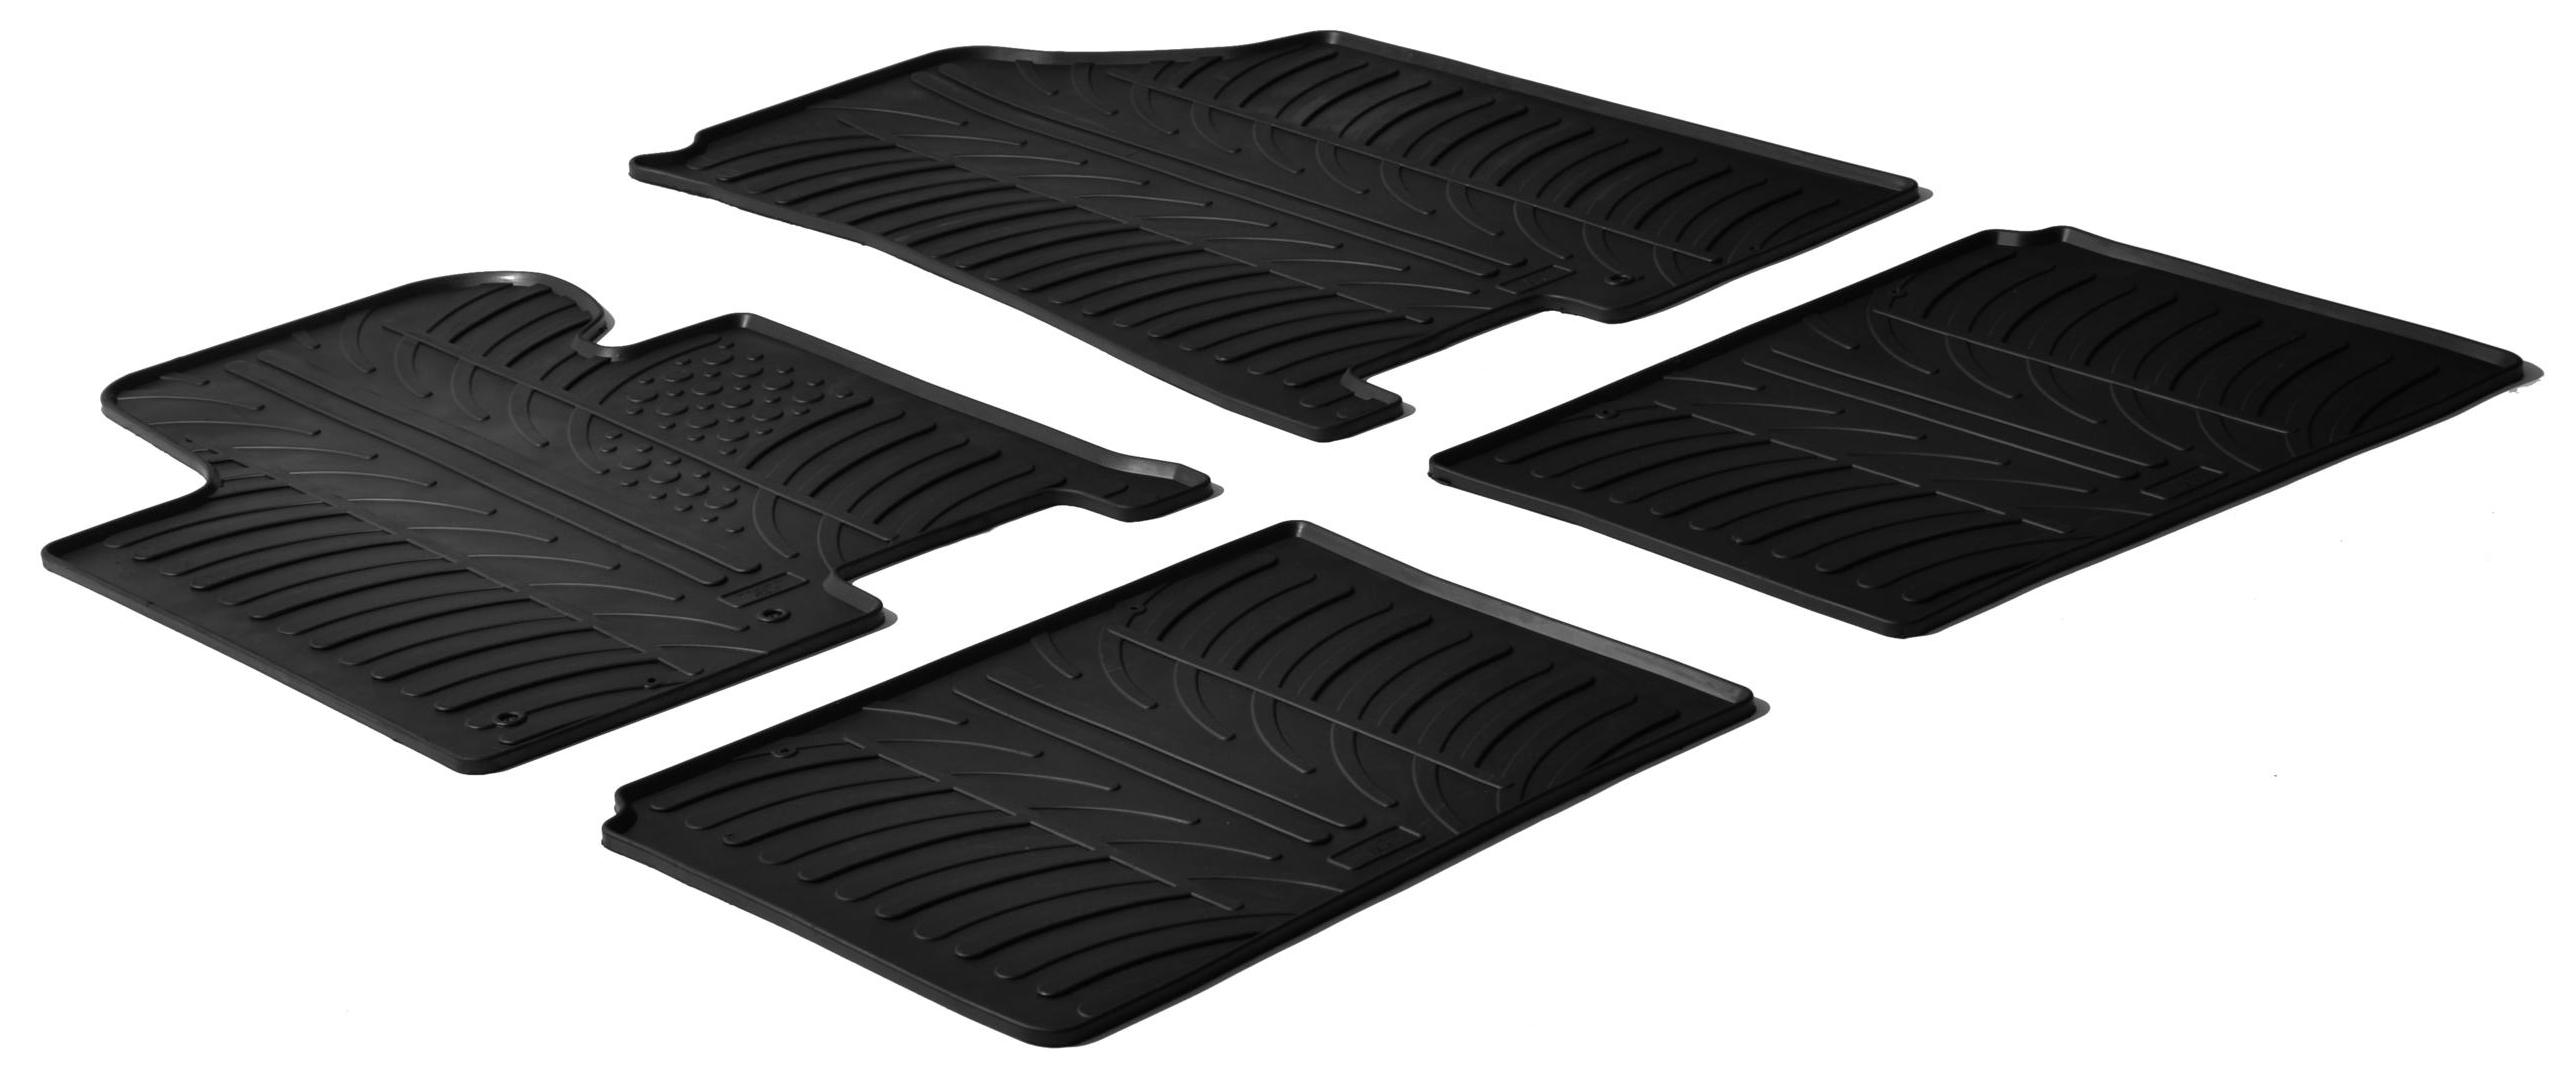 Rubbermatten voor Hyundai i40 5 deurs 2011- (T profiel 4-delig)